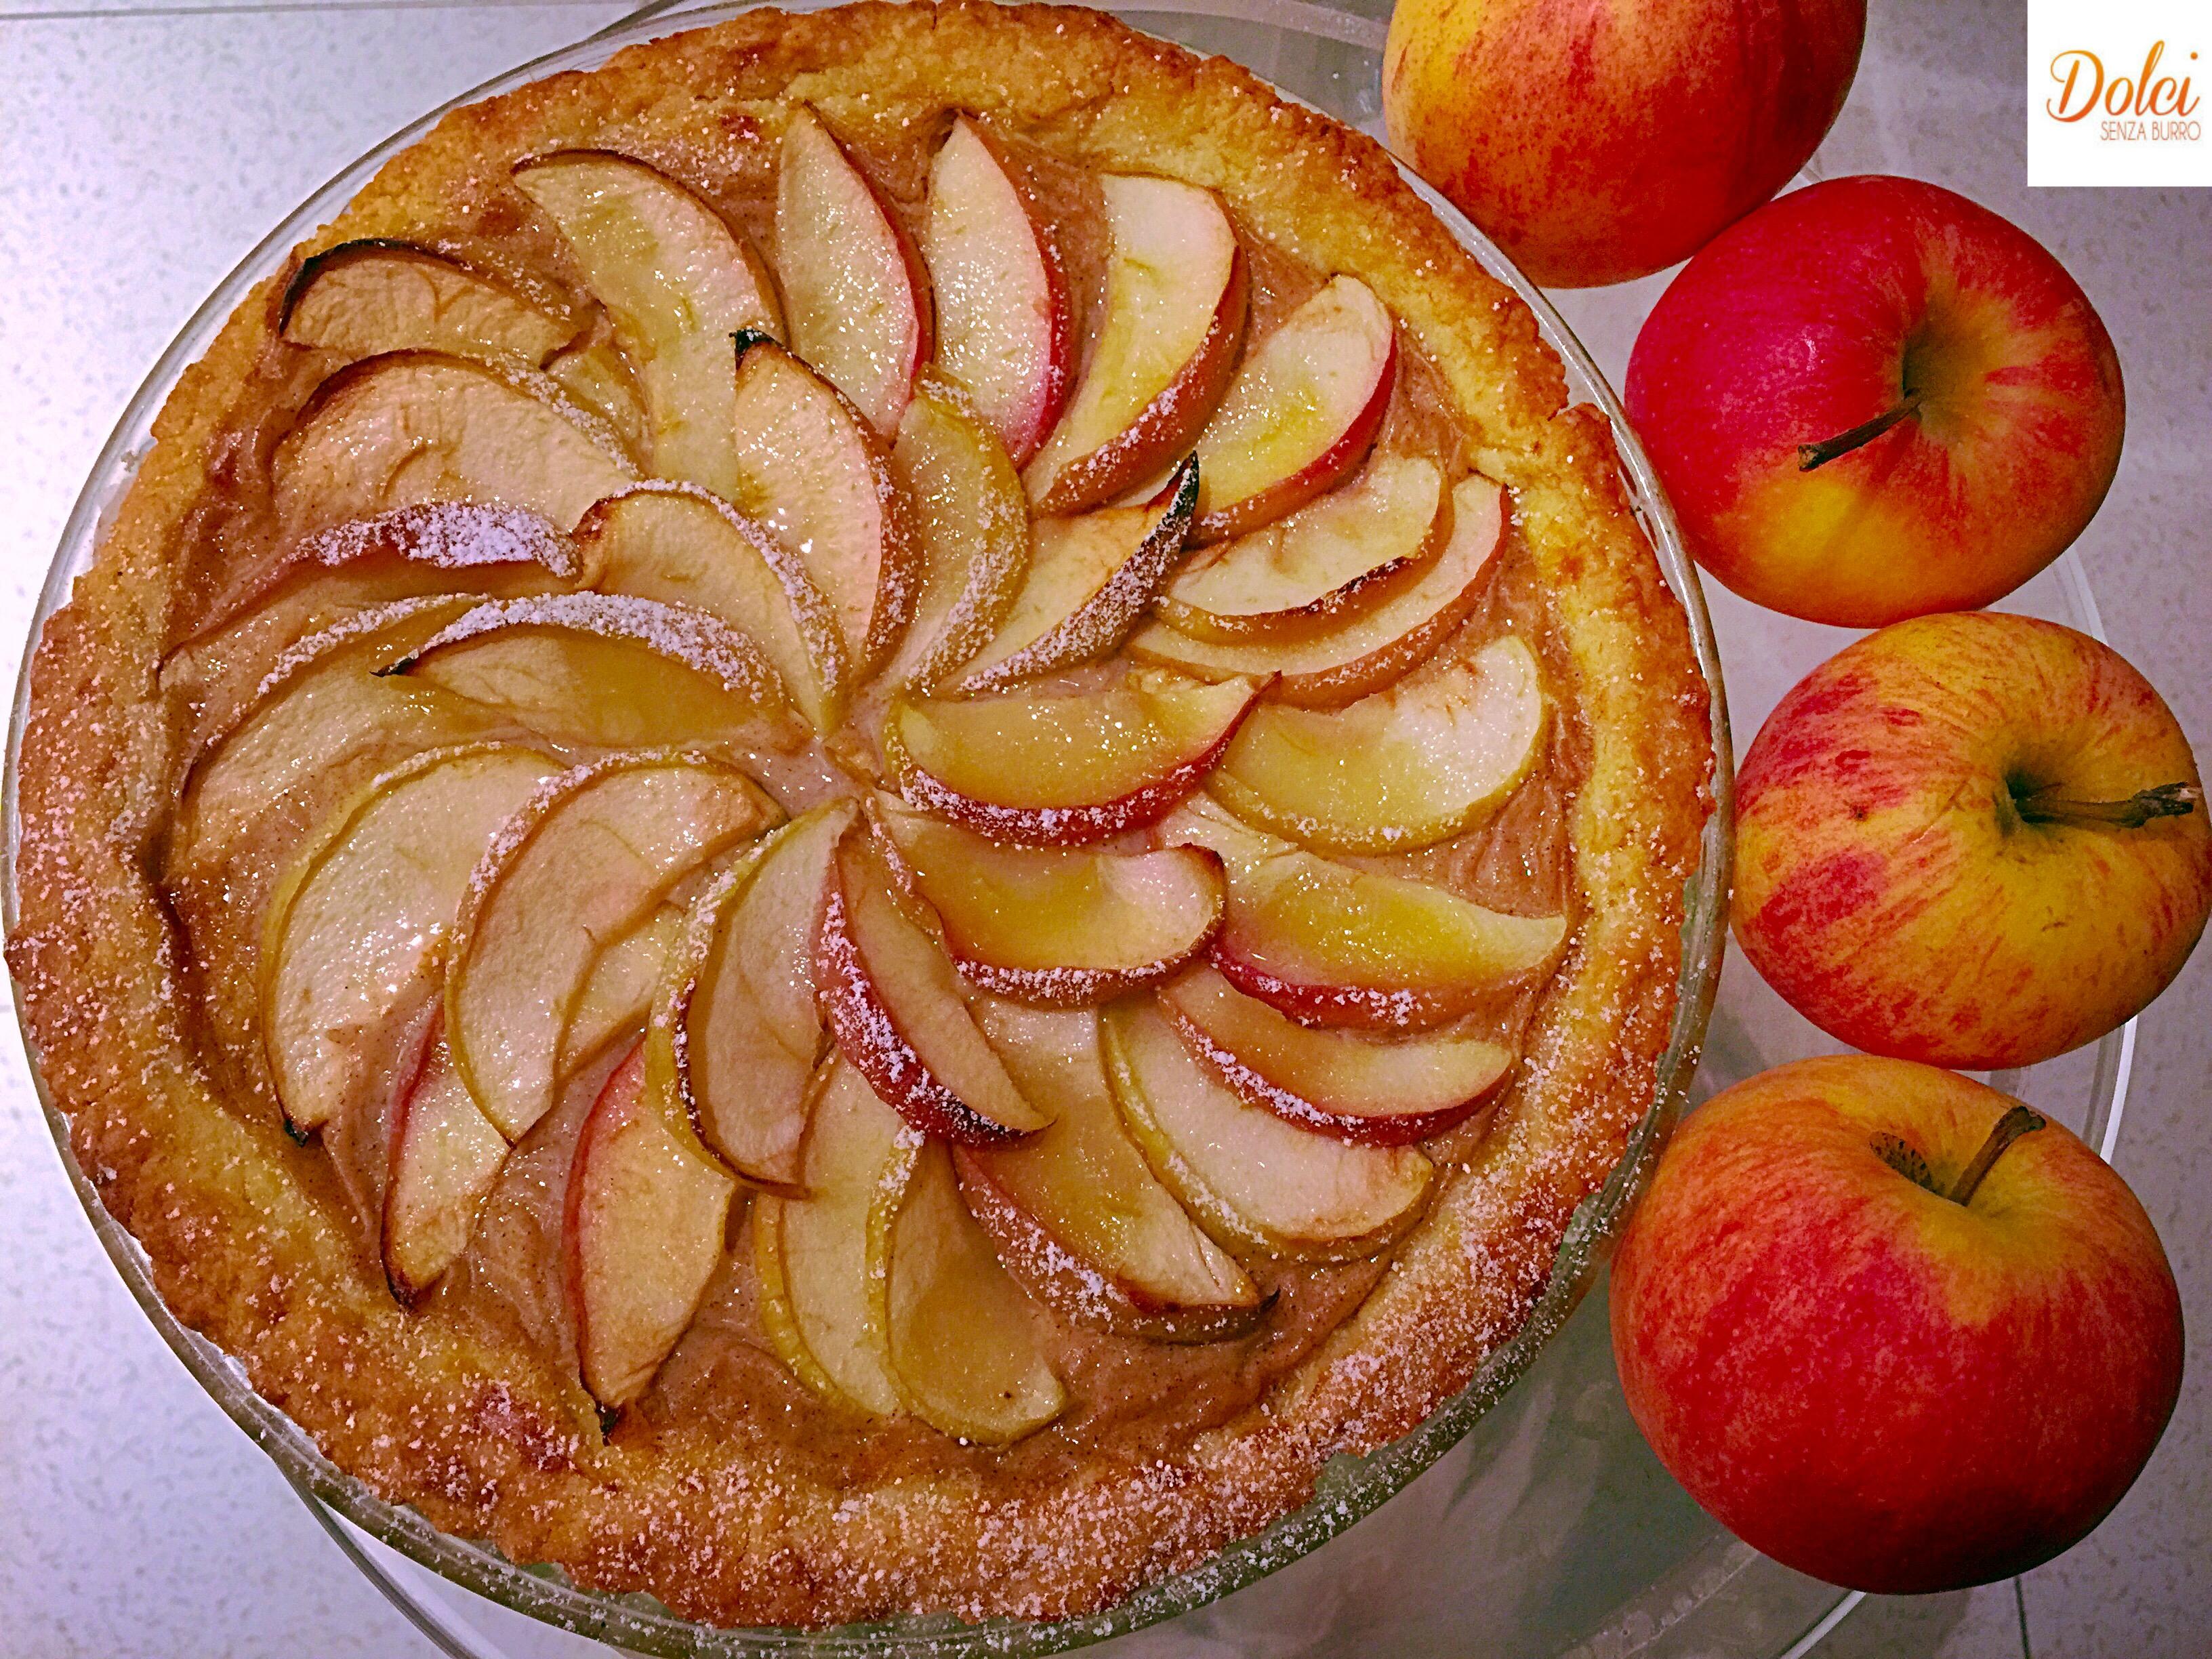 Crostata di mele senza burro dolci senza burro for Crostata di mele